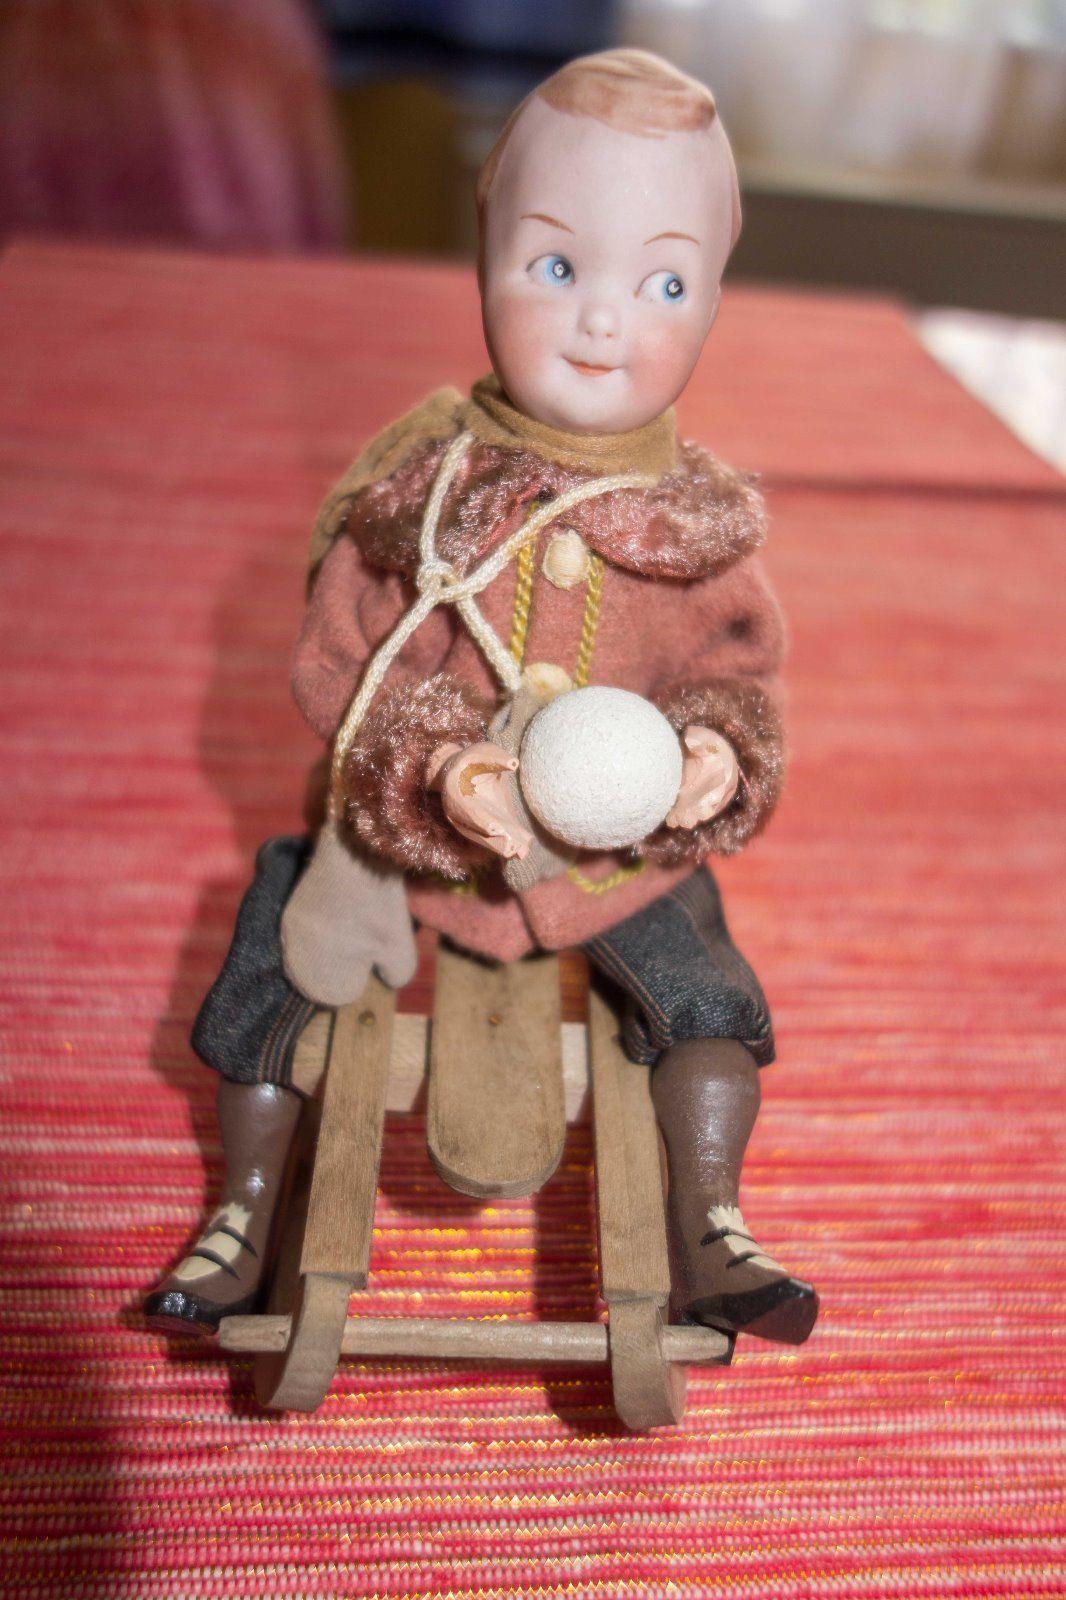 Heubach Original Antik Schlittenfahrer Schneekind Googly Candycontainer Snowbaby ... Gebruder Heubach 9087